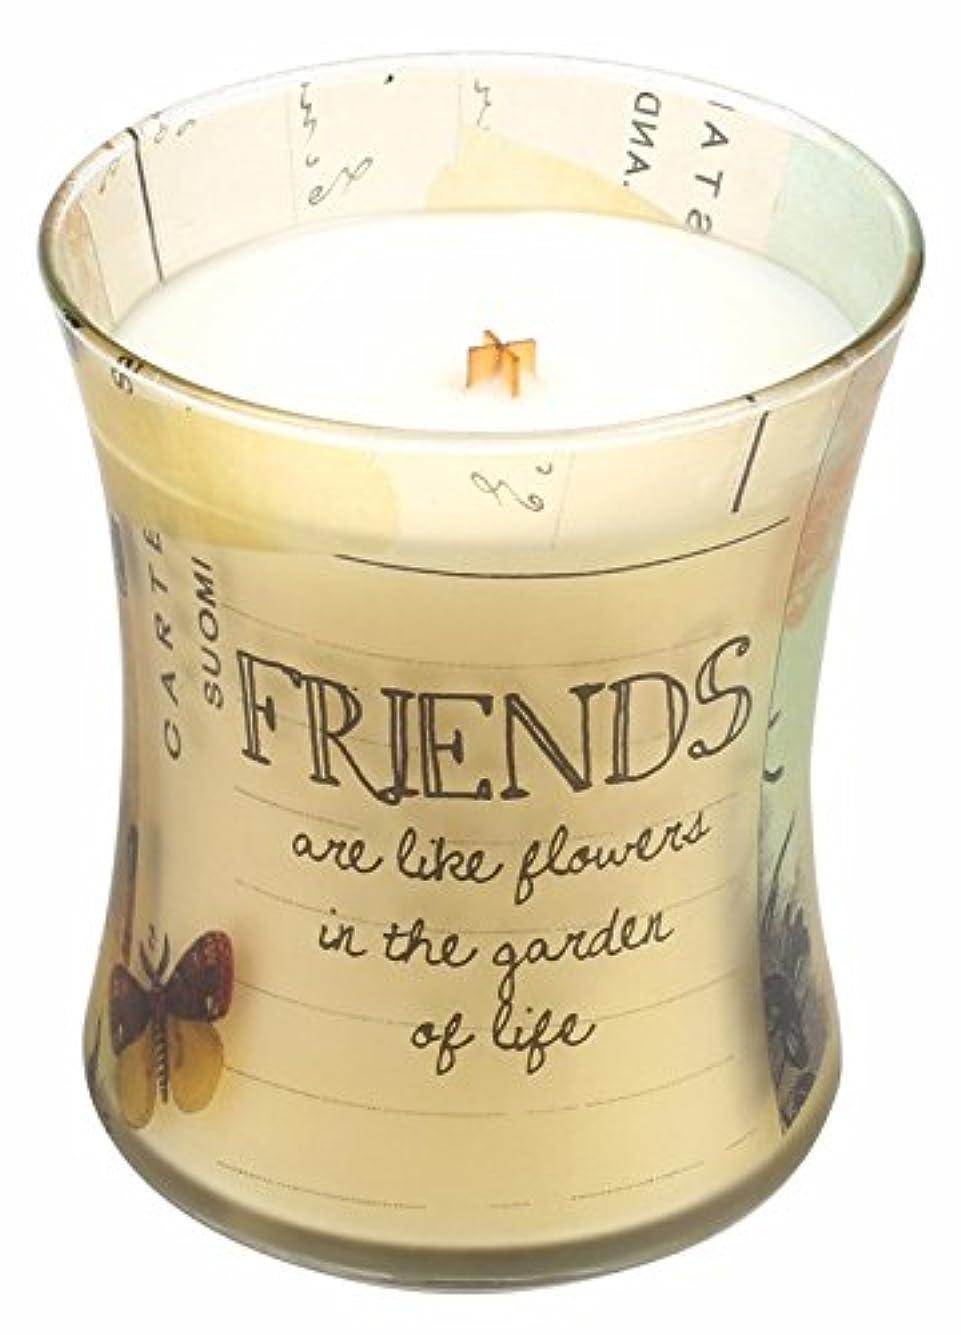 領域サスペンション抑圧者Friends Vanilla Bean Inspirationalコレクション砂時計WoodWick Candle